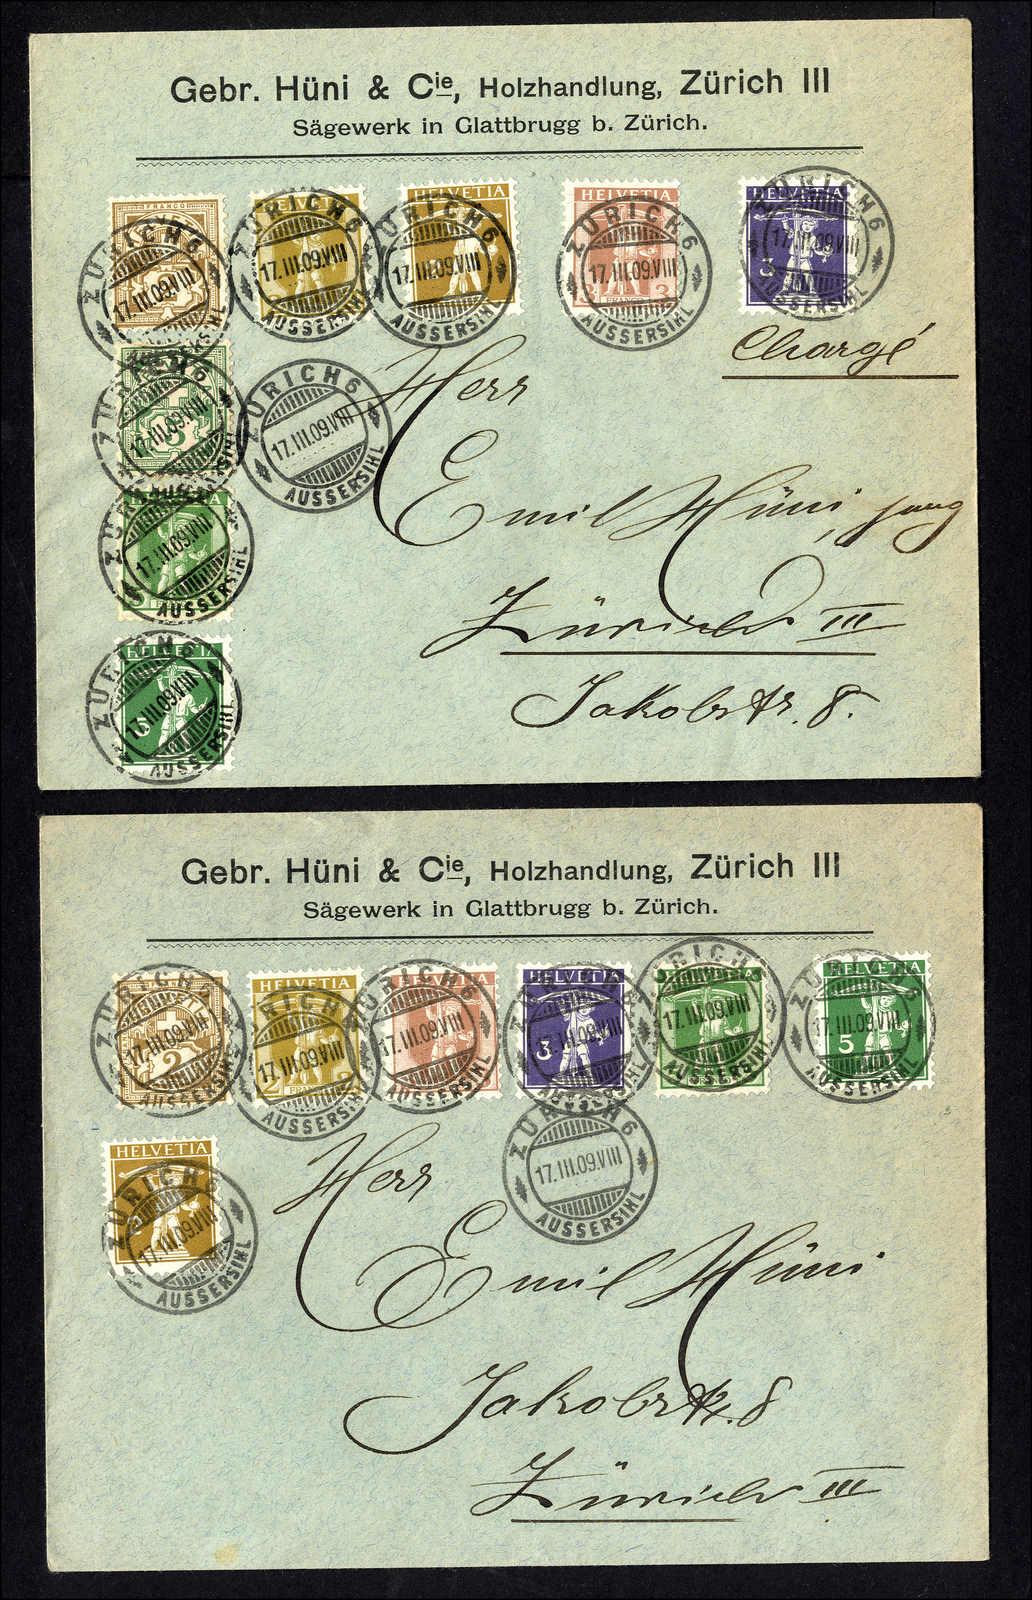 Lot 151 - schweiz Schweiz Freimarken nach 1907 -  Rolli Auctions Auction #68 Day 1